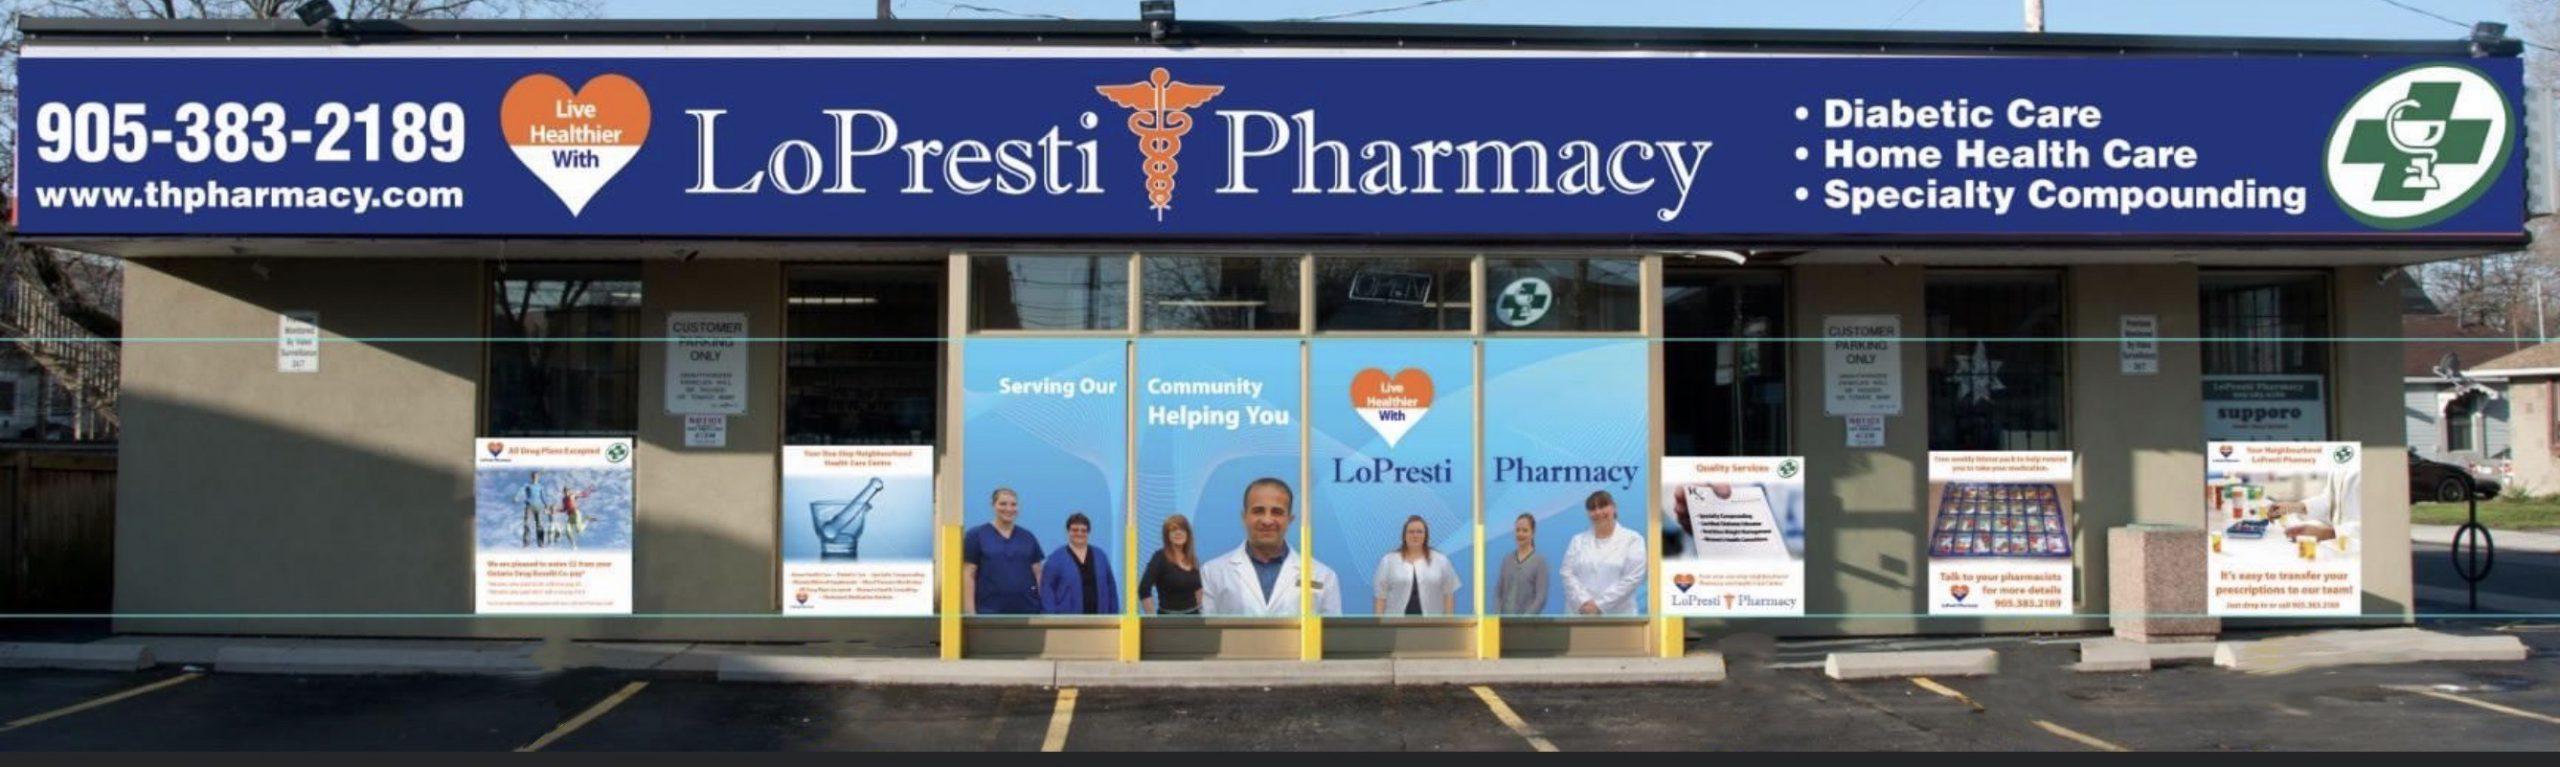 lopresti-pharmacy